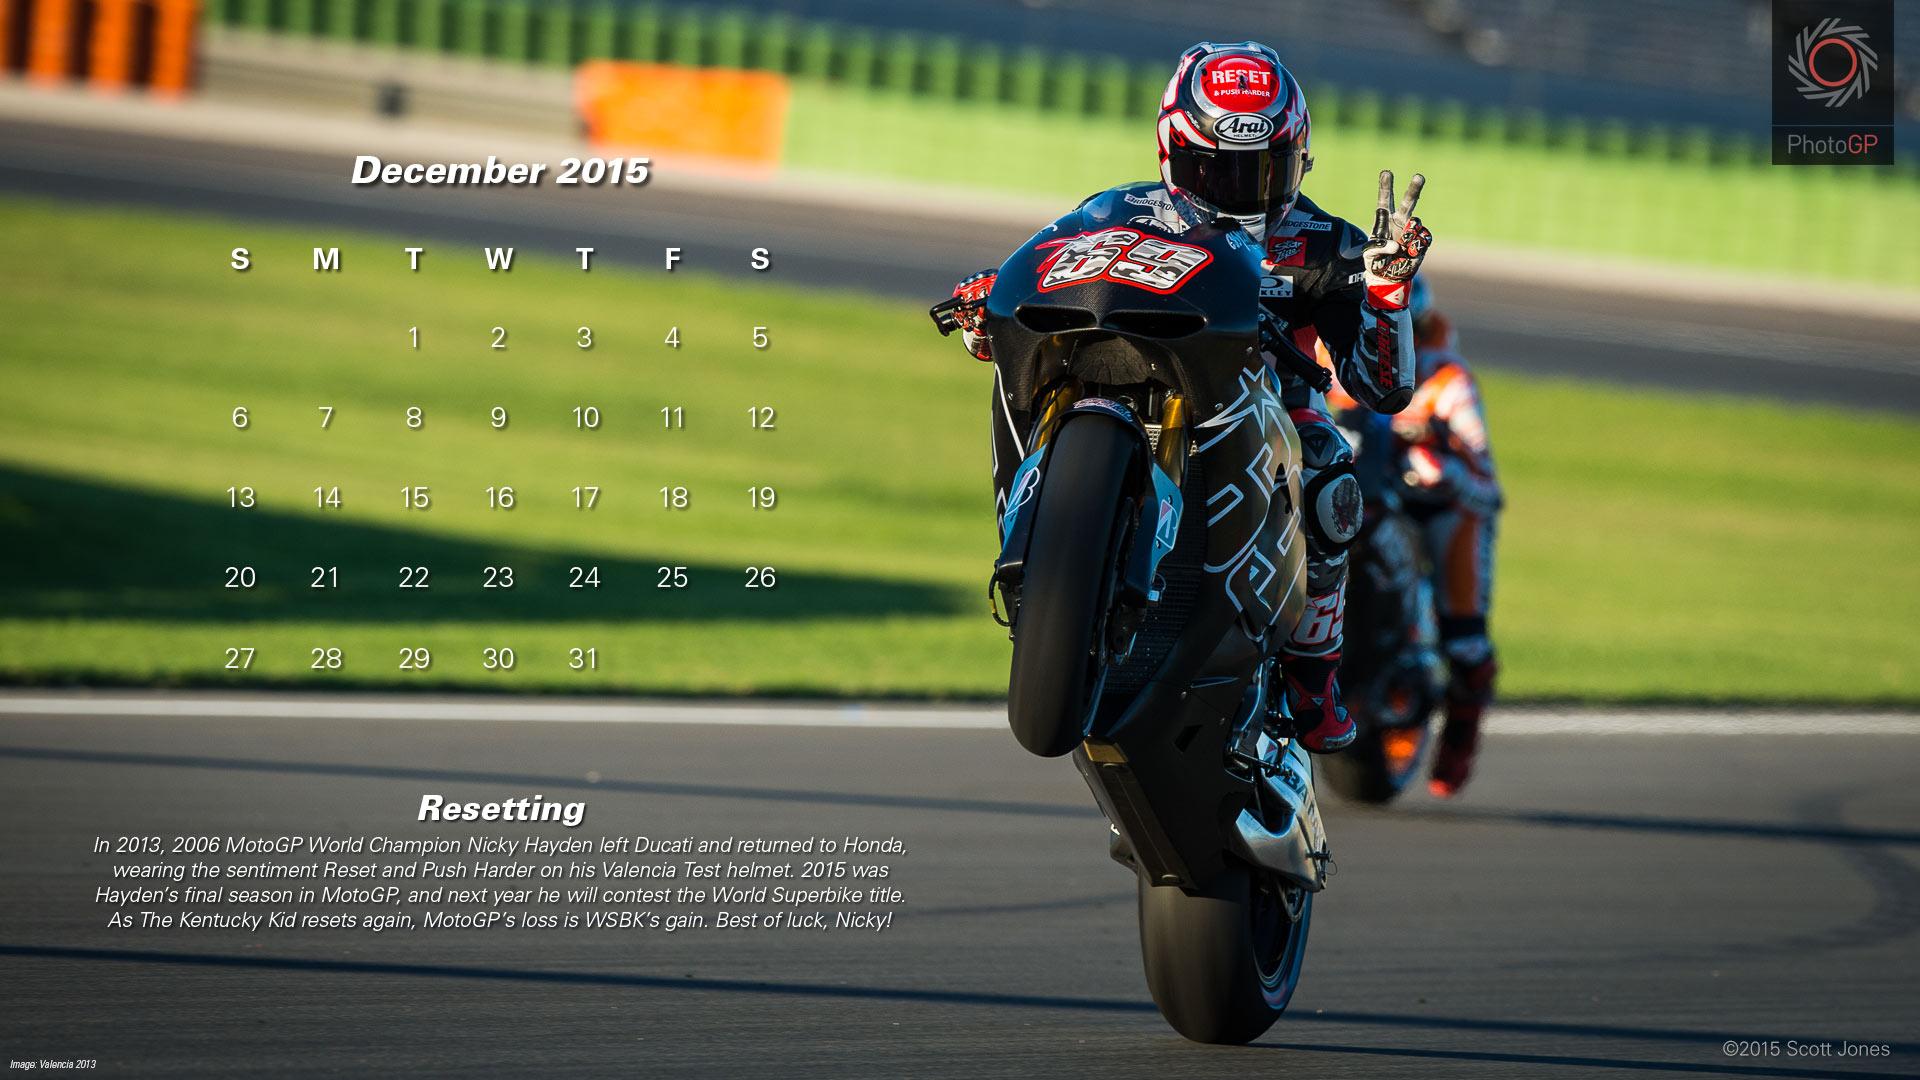 Календарь в стиле MotoGP на декабрь 2015 года от фотографа Скотта Джонса